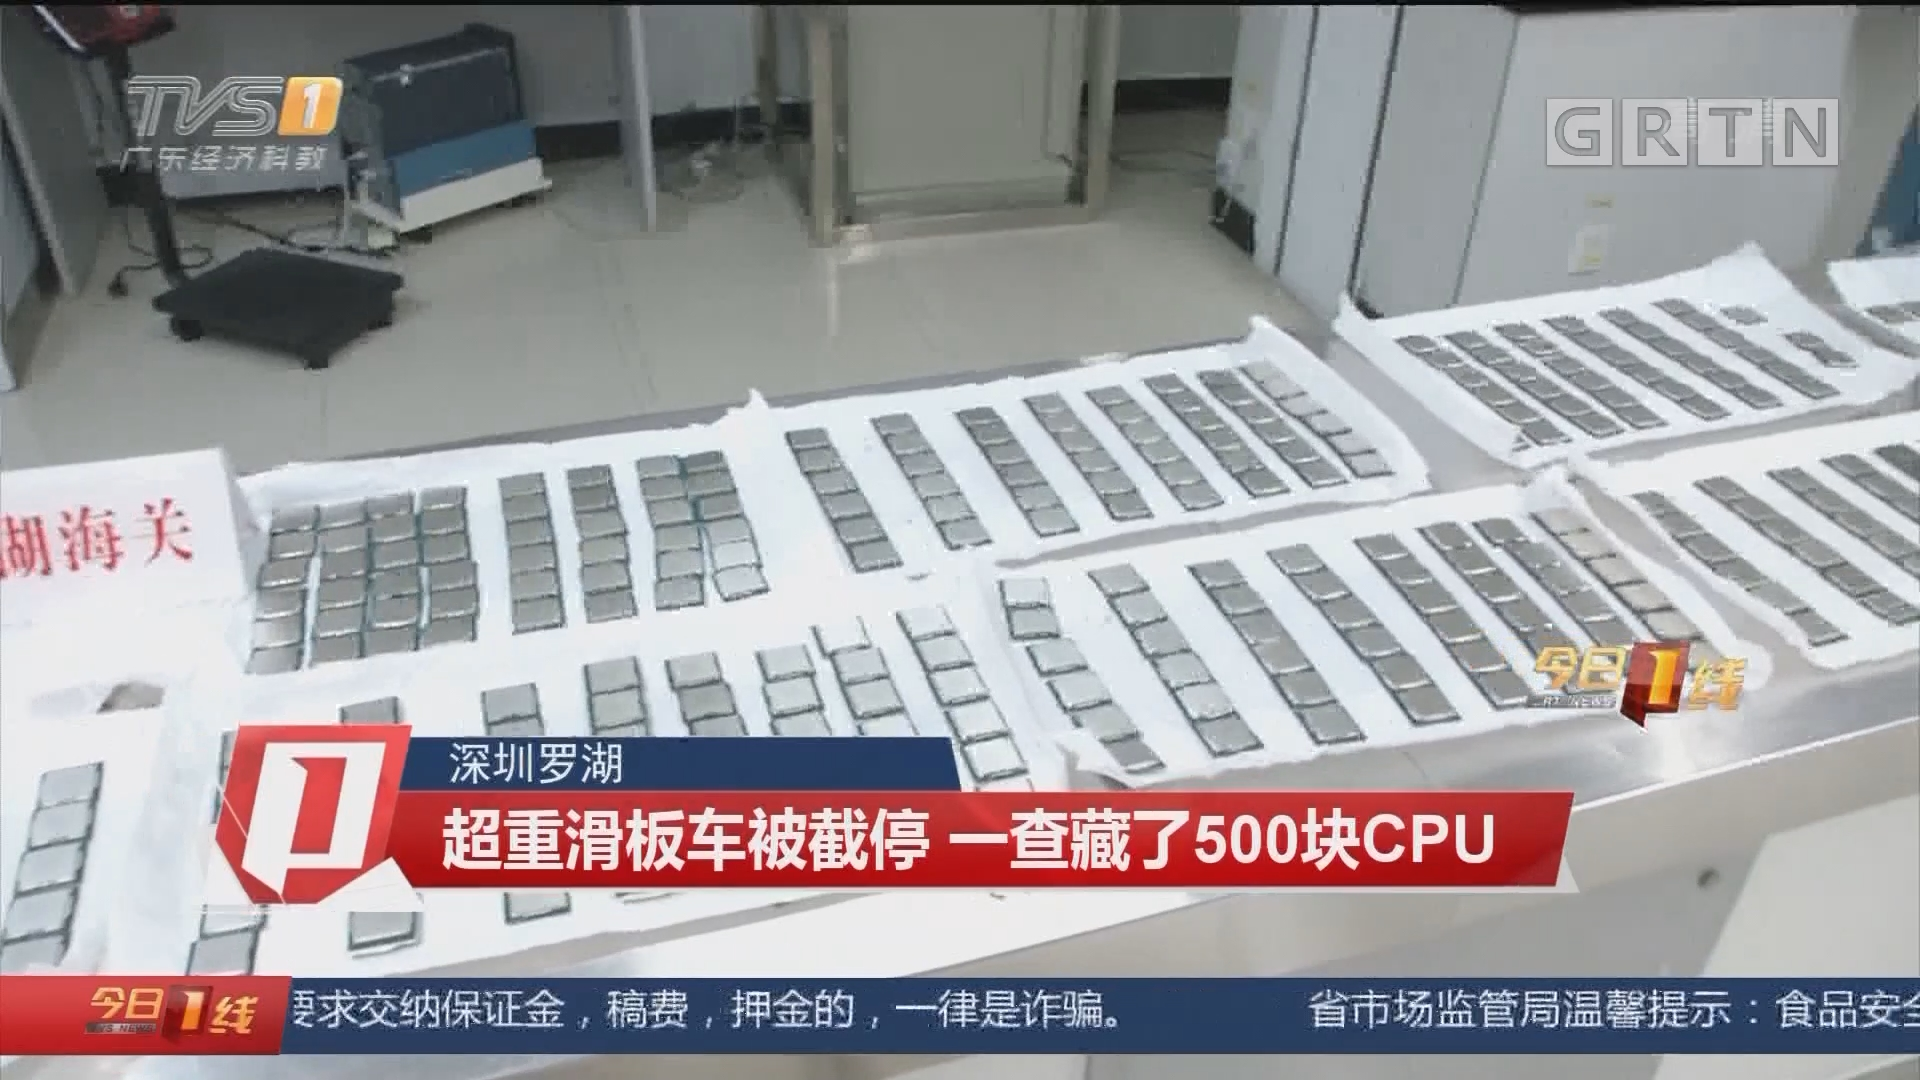 深圳罗湖:超重滑板车被截停 一查藏了500块CPU